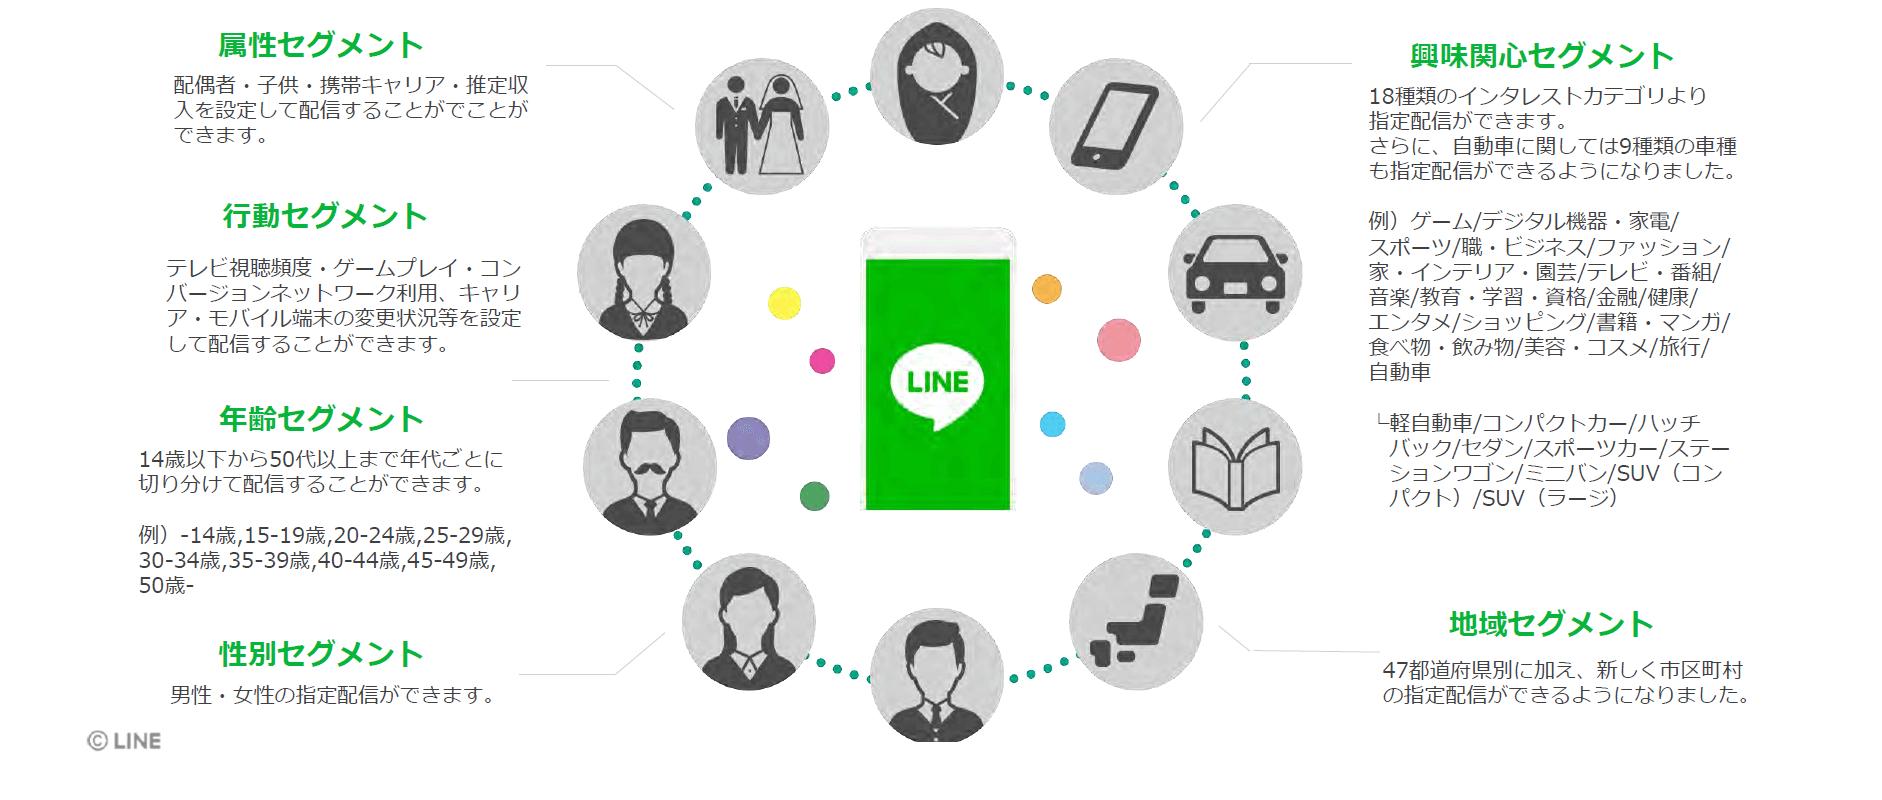 LINEデモグラフィックデータ配信